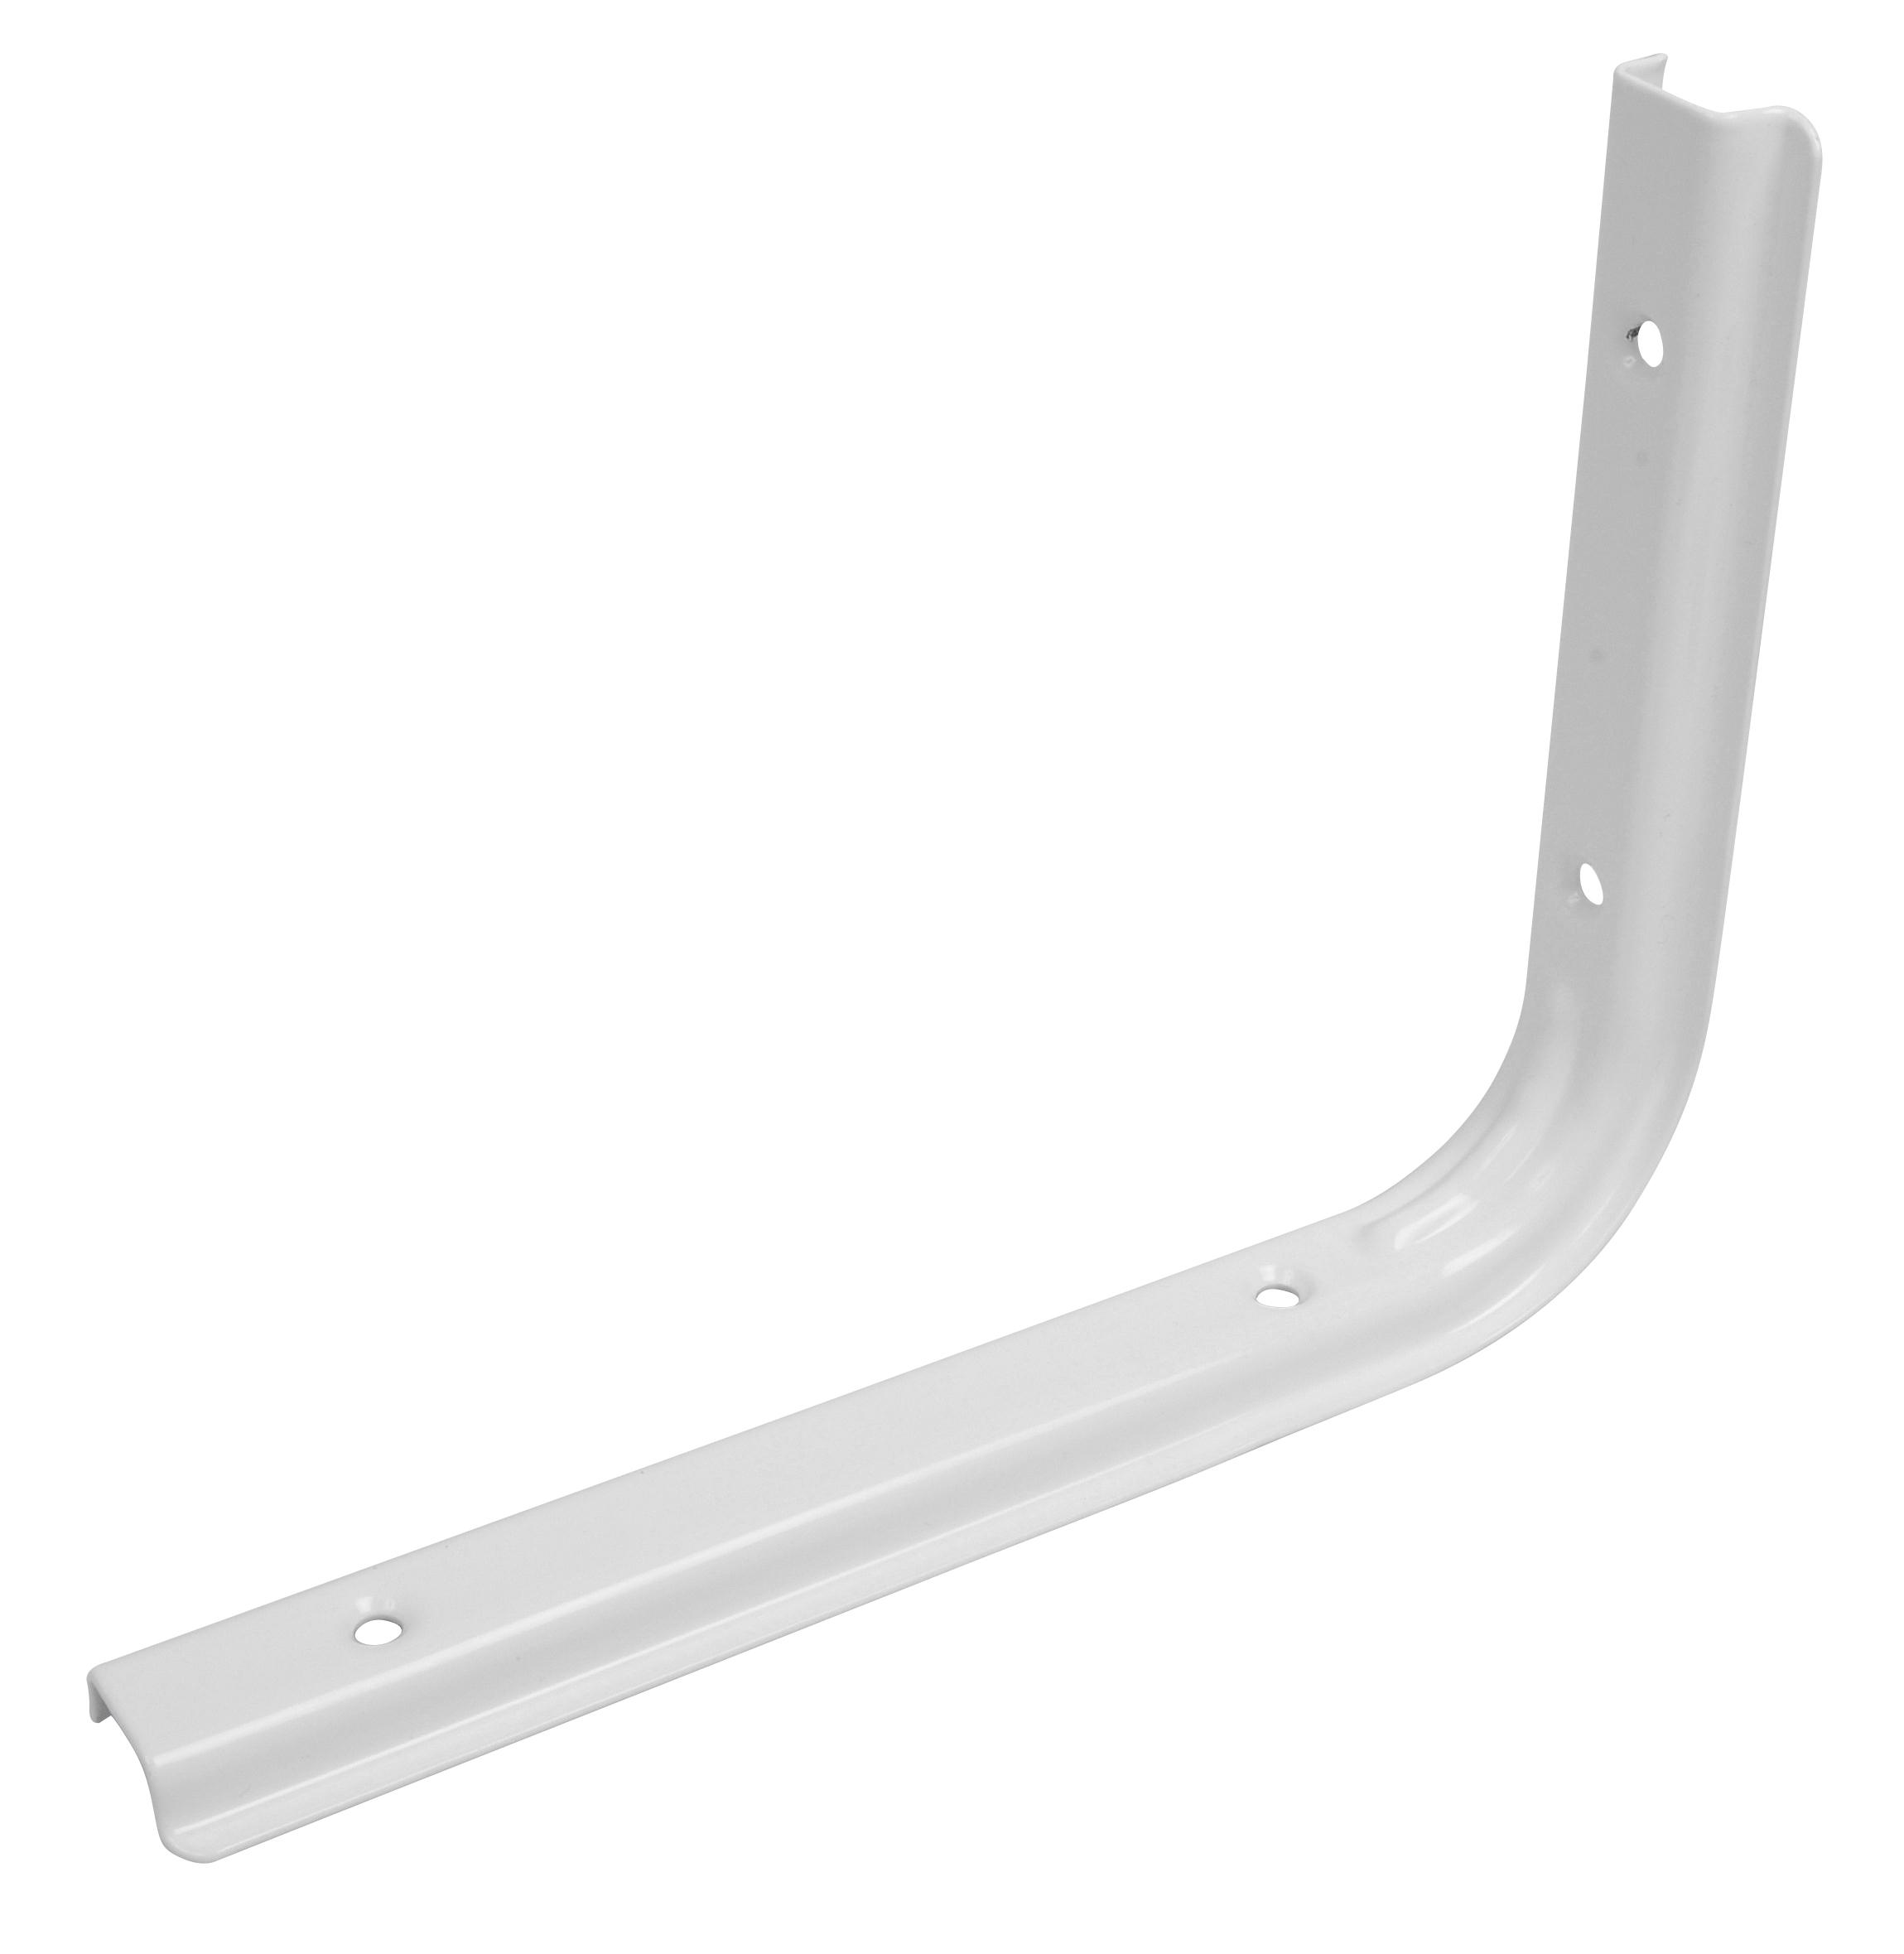 Hyldeknægt U-profil 150x200 mm. - hvid